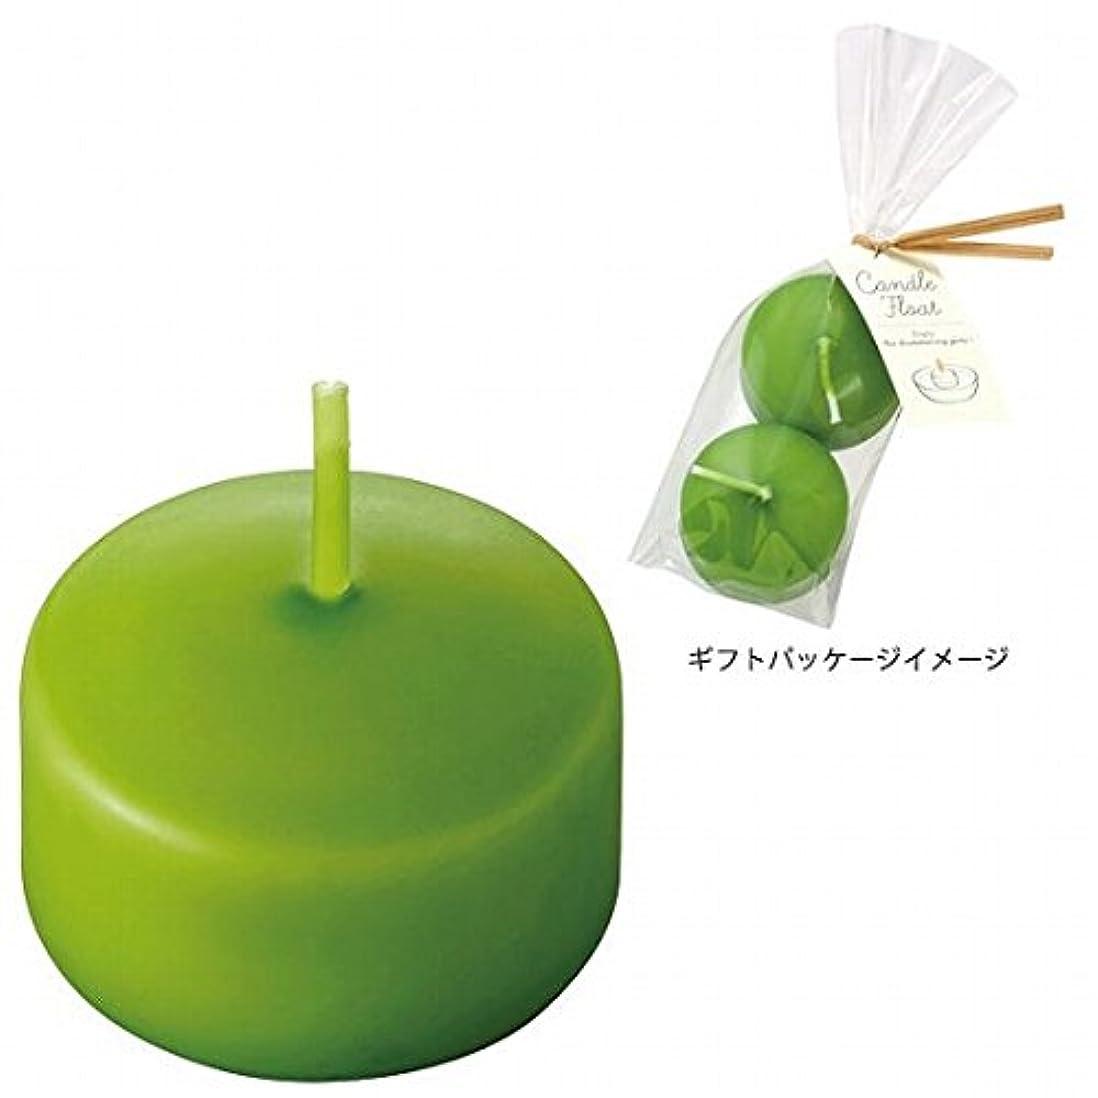 代数的肉腫統計的カメヤマキャンドル(kameyama candle) ハッピープール(2個入り) キャンドル 「オリーブ」